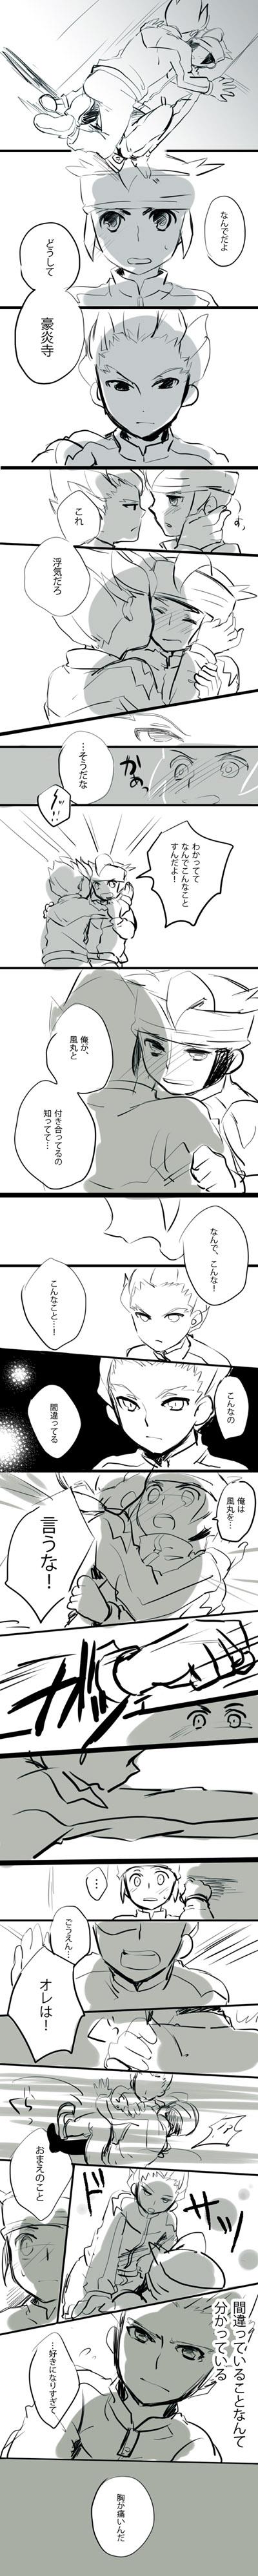 Tags: Anime, Inazuma Eleven, Endou Mamoru, Gouenji Shuuya